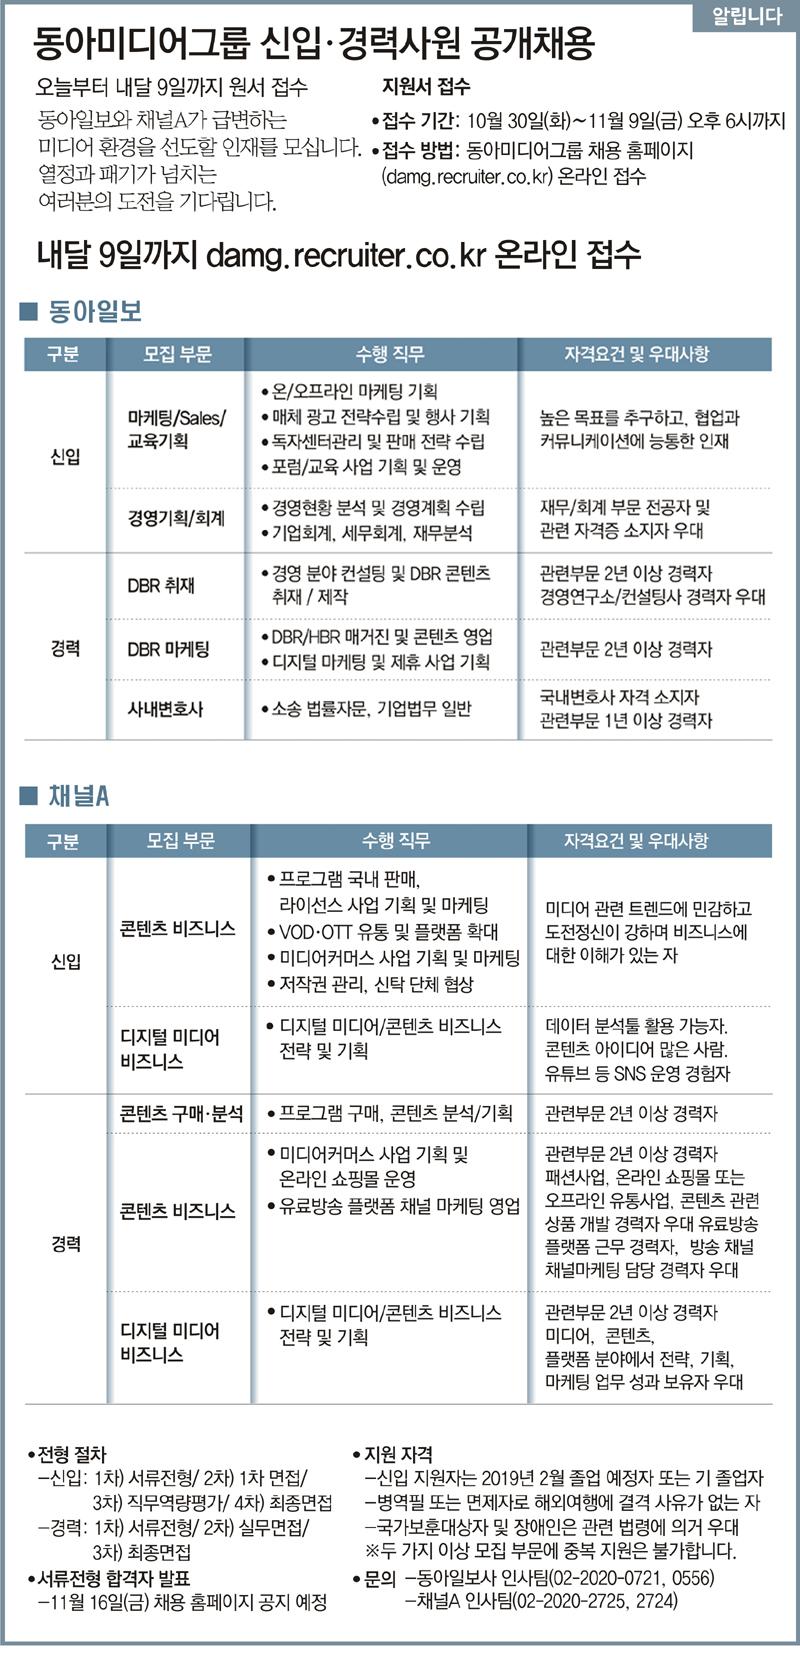 동아미디어그룹+신입사원+모집(2018.10.30게재)+포털사이트용+800.jpg